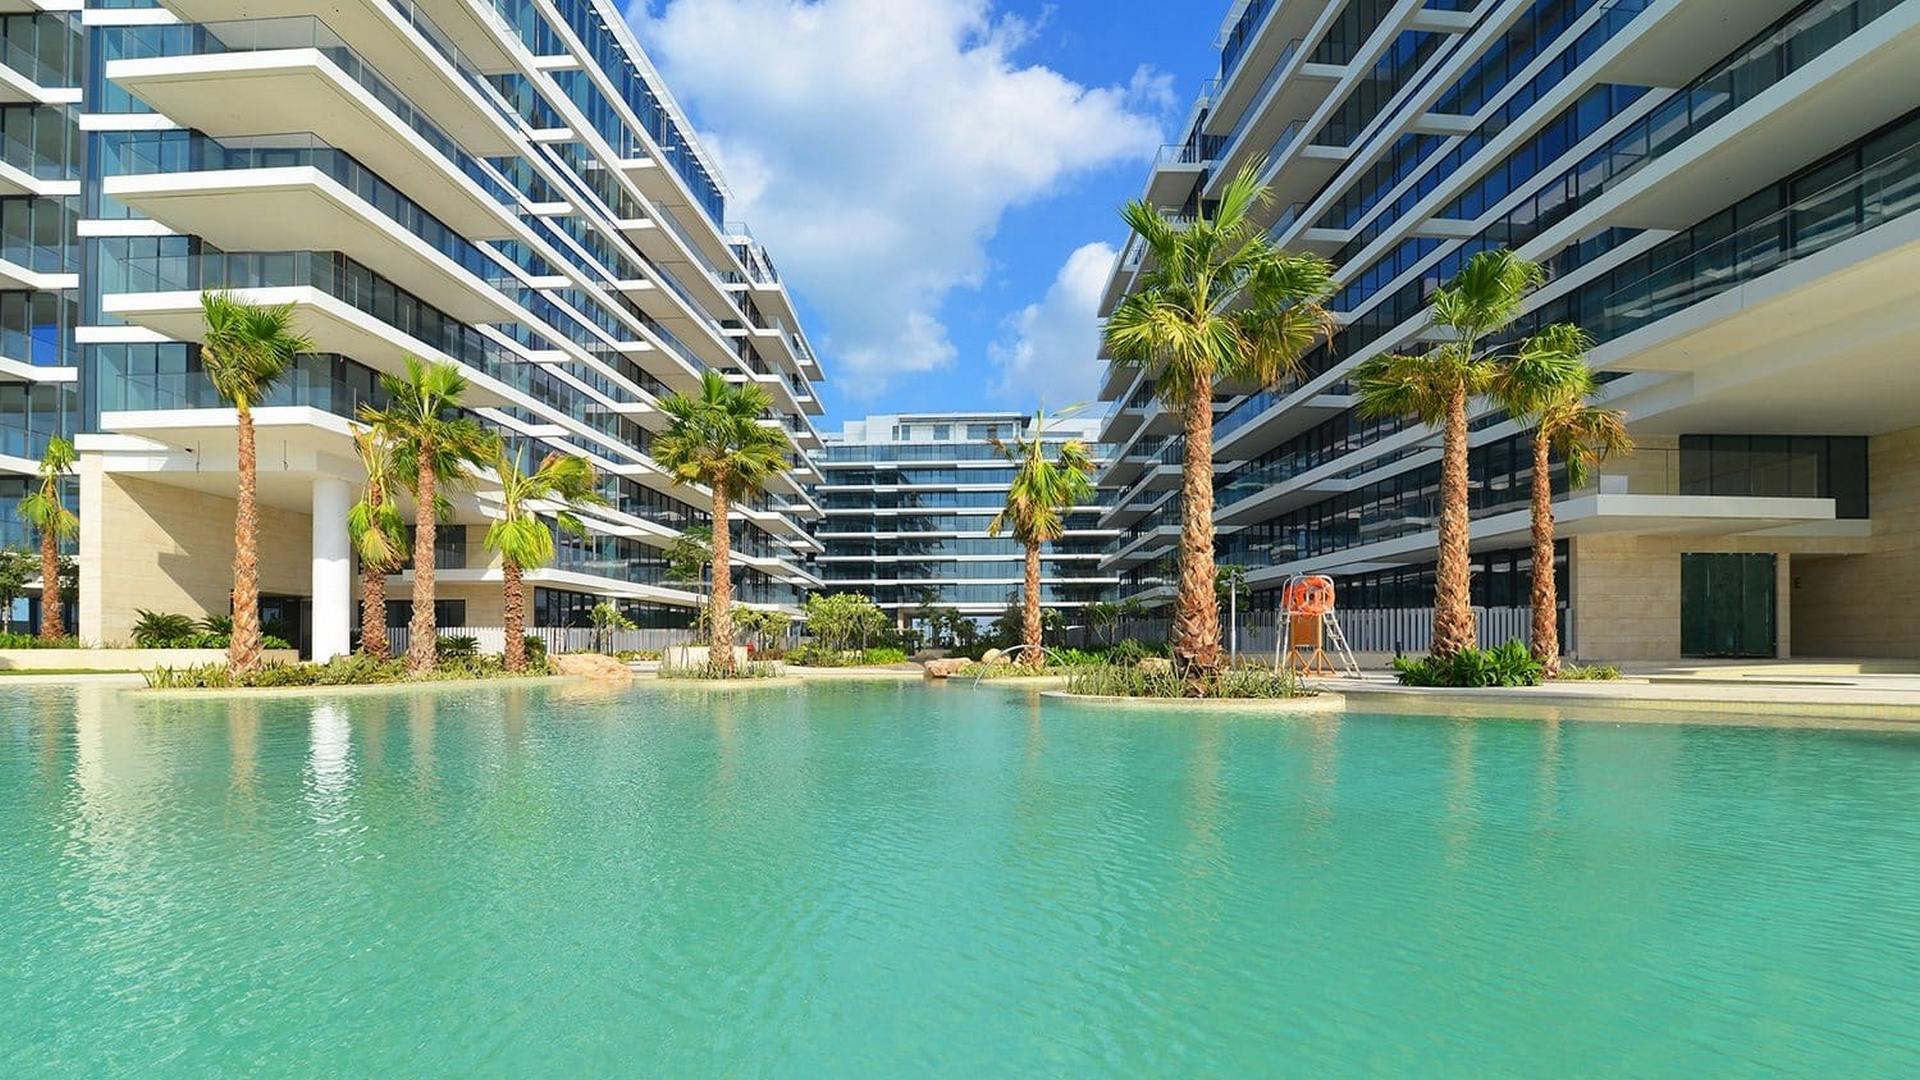 Ático en venta en Dubai, EAU, 4 dormitorios, 453 m2, № 24084 – foto 2